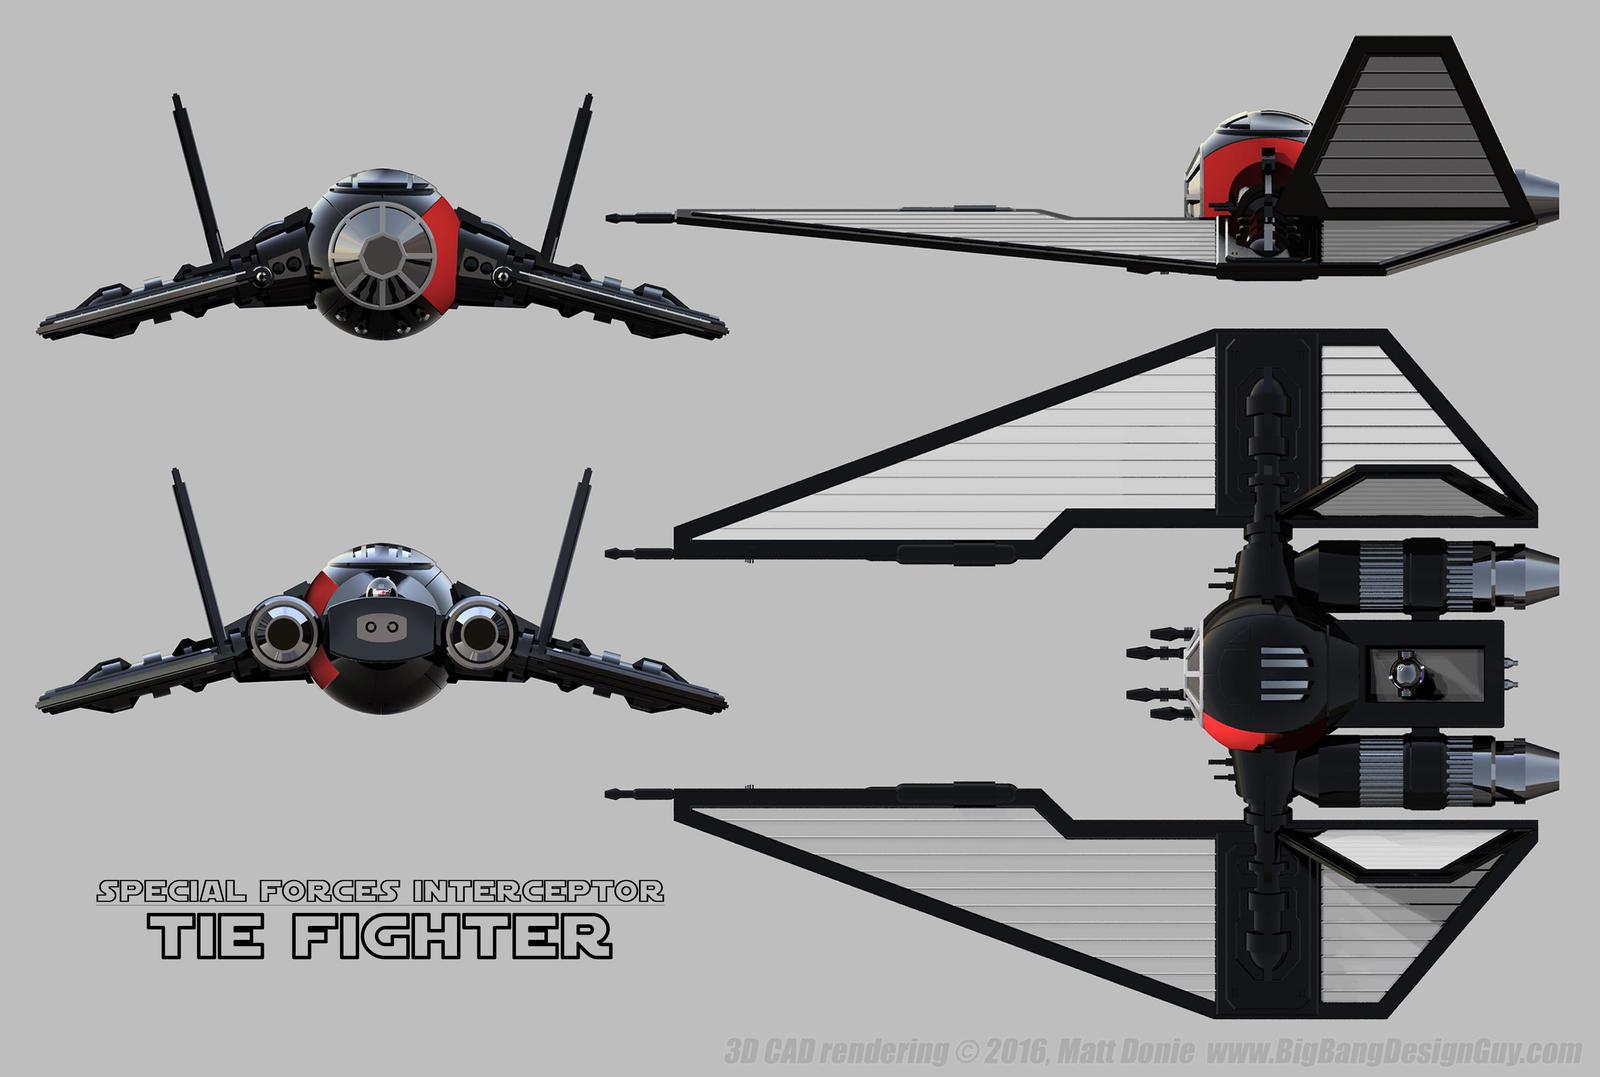 tie_sfi___schematic_by_ravendeviant-dagt8qz X Wing Schematics on y-wing schematics, a wing fighter schematics, tie interceptor schematics, minecraft schematics, halo warthog schematics, b-wing schematics, at-at schematics,